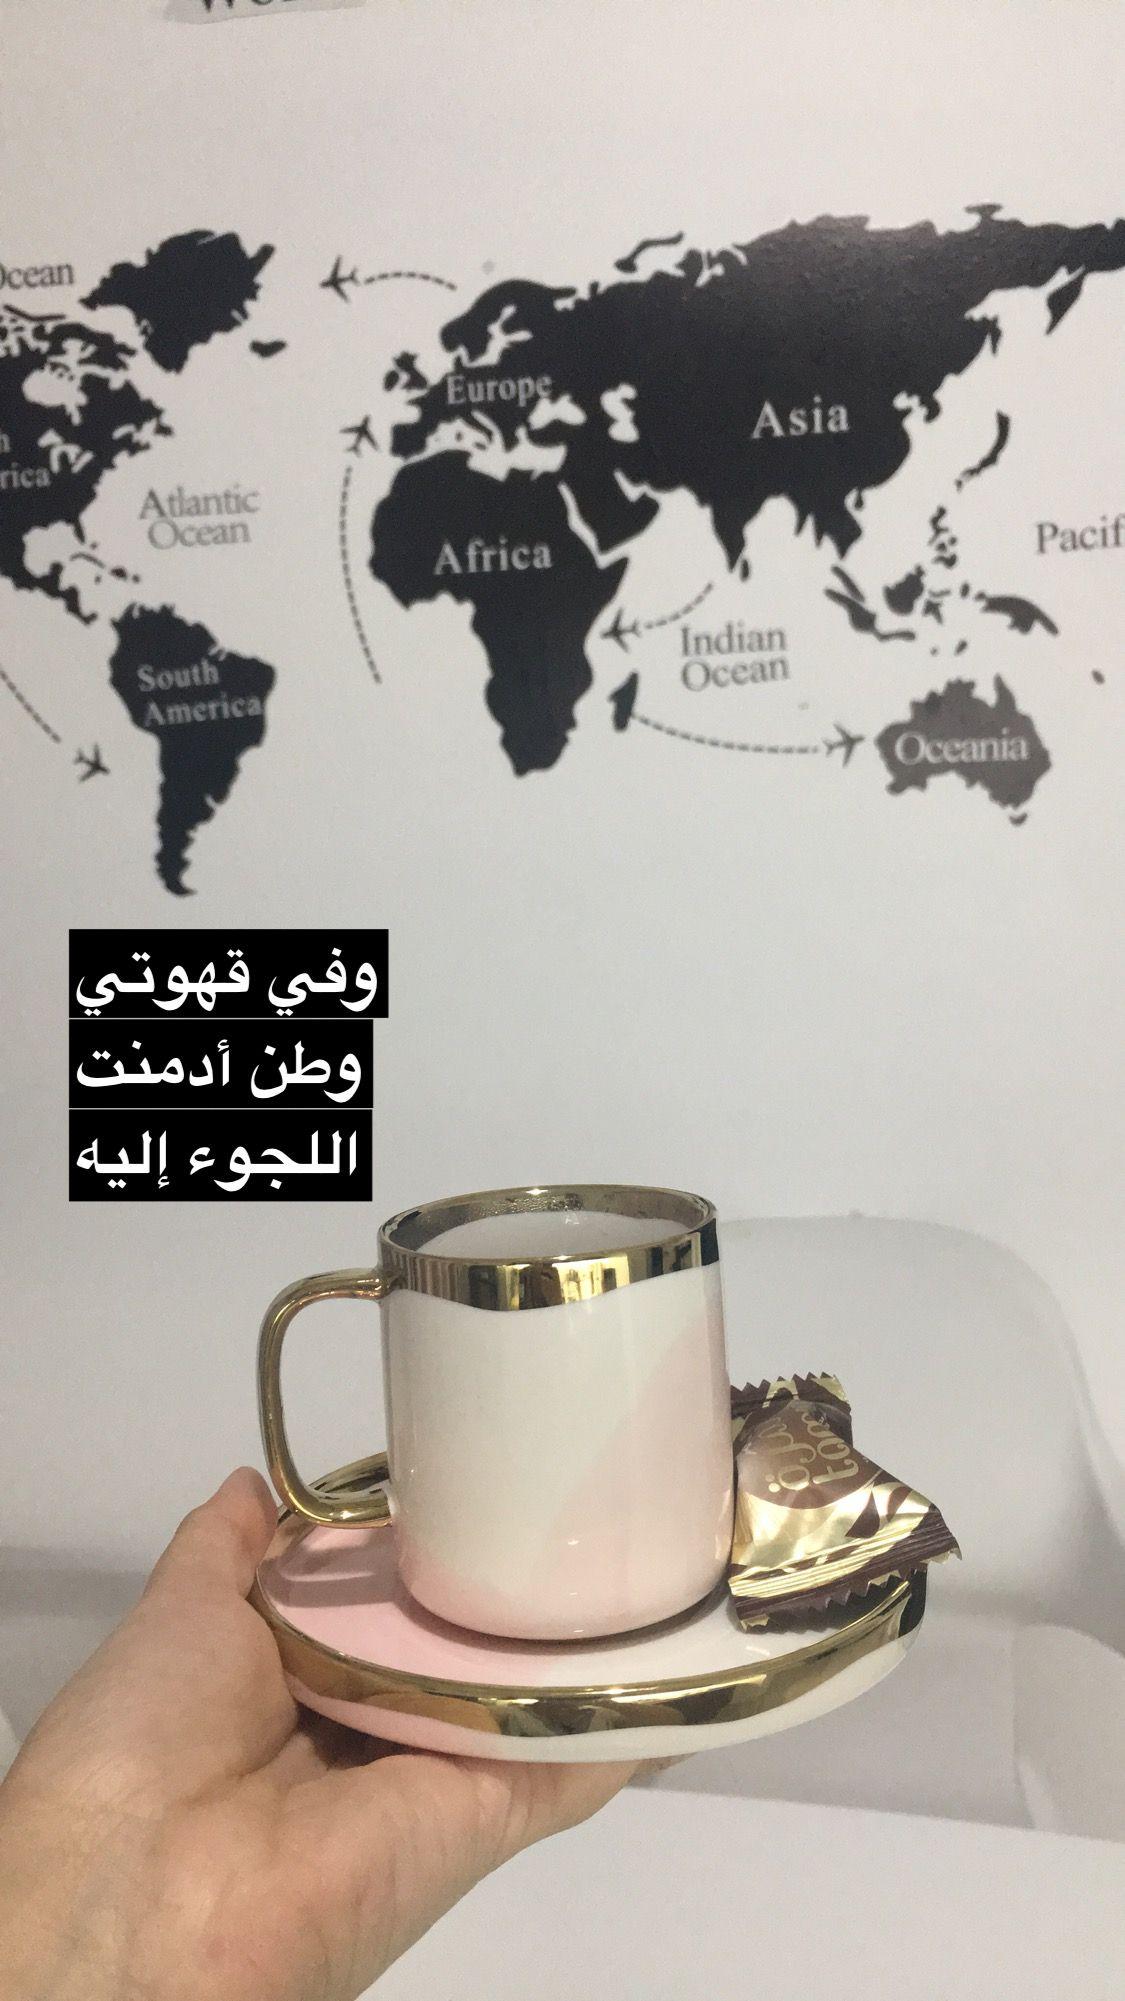 عبارات عن القهوة قهوتي Coffee قهوة عربية Coffee Flower Coffee Quotes My Coffee